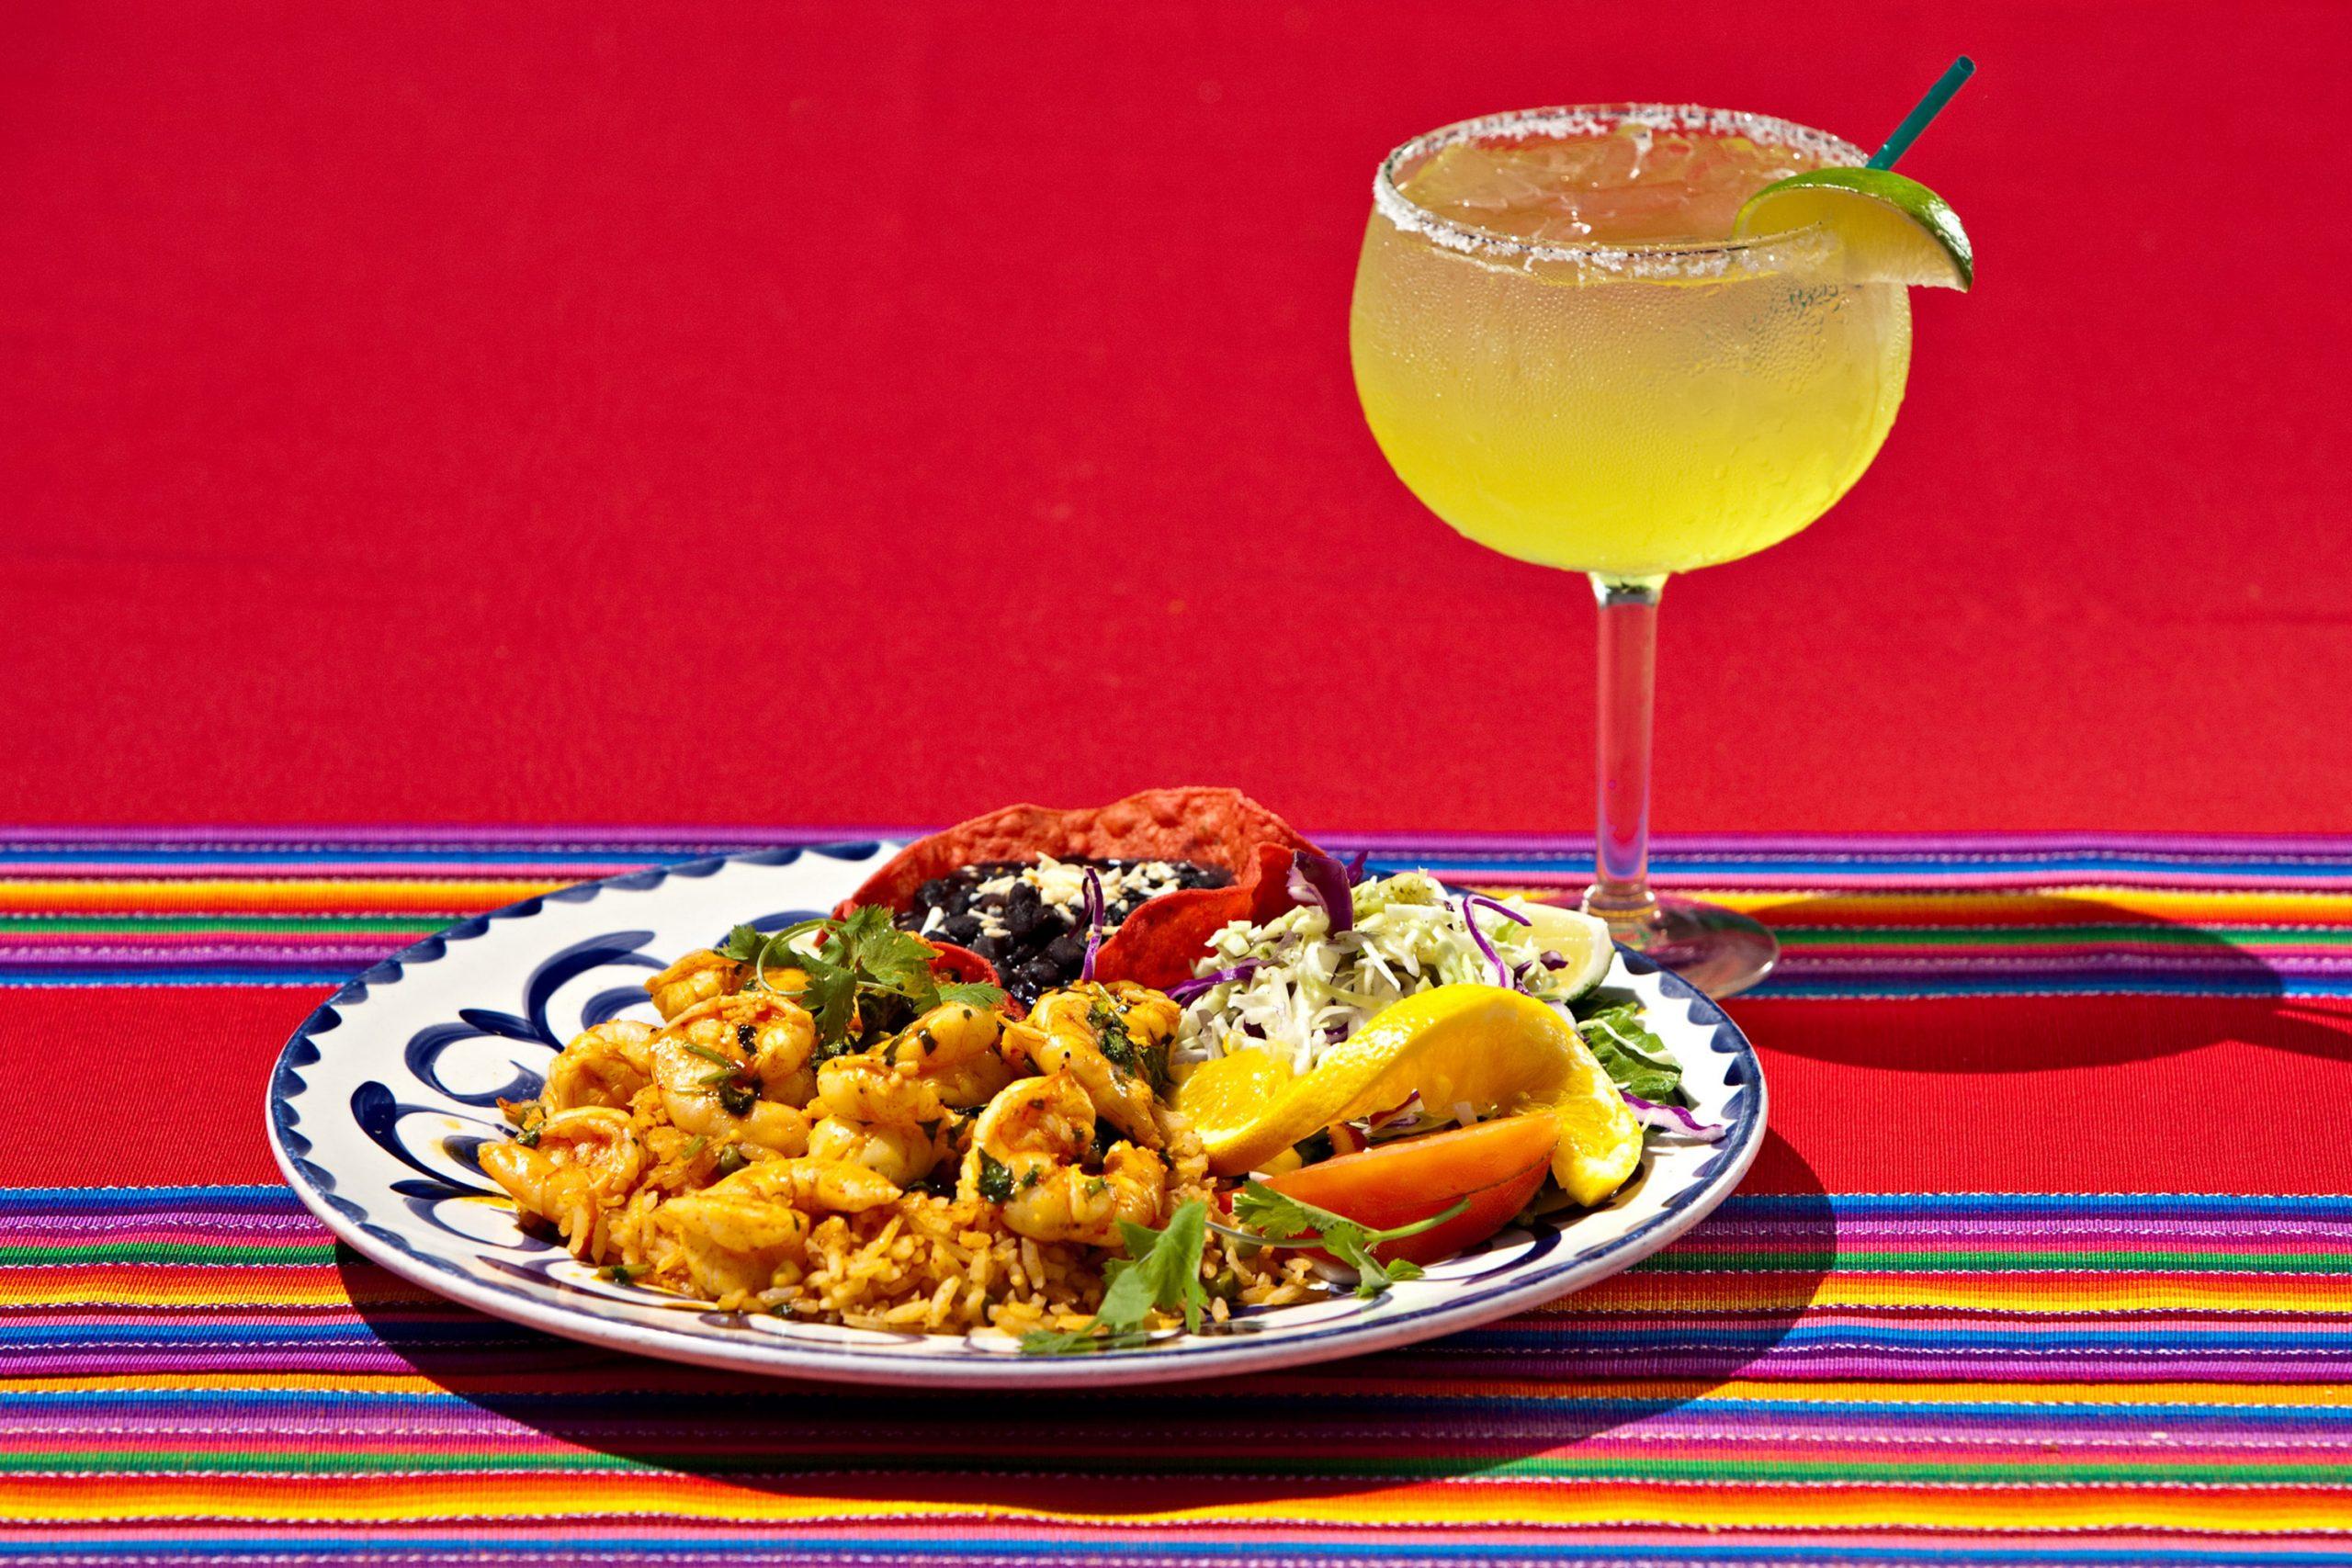 Tequila Lime Shrimp at Casa Guadalajara